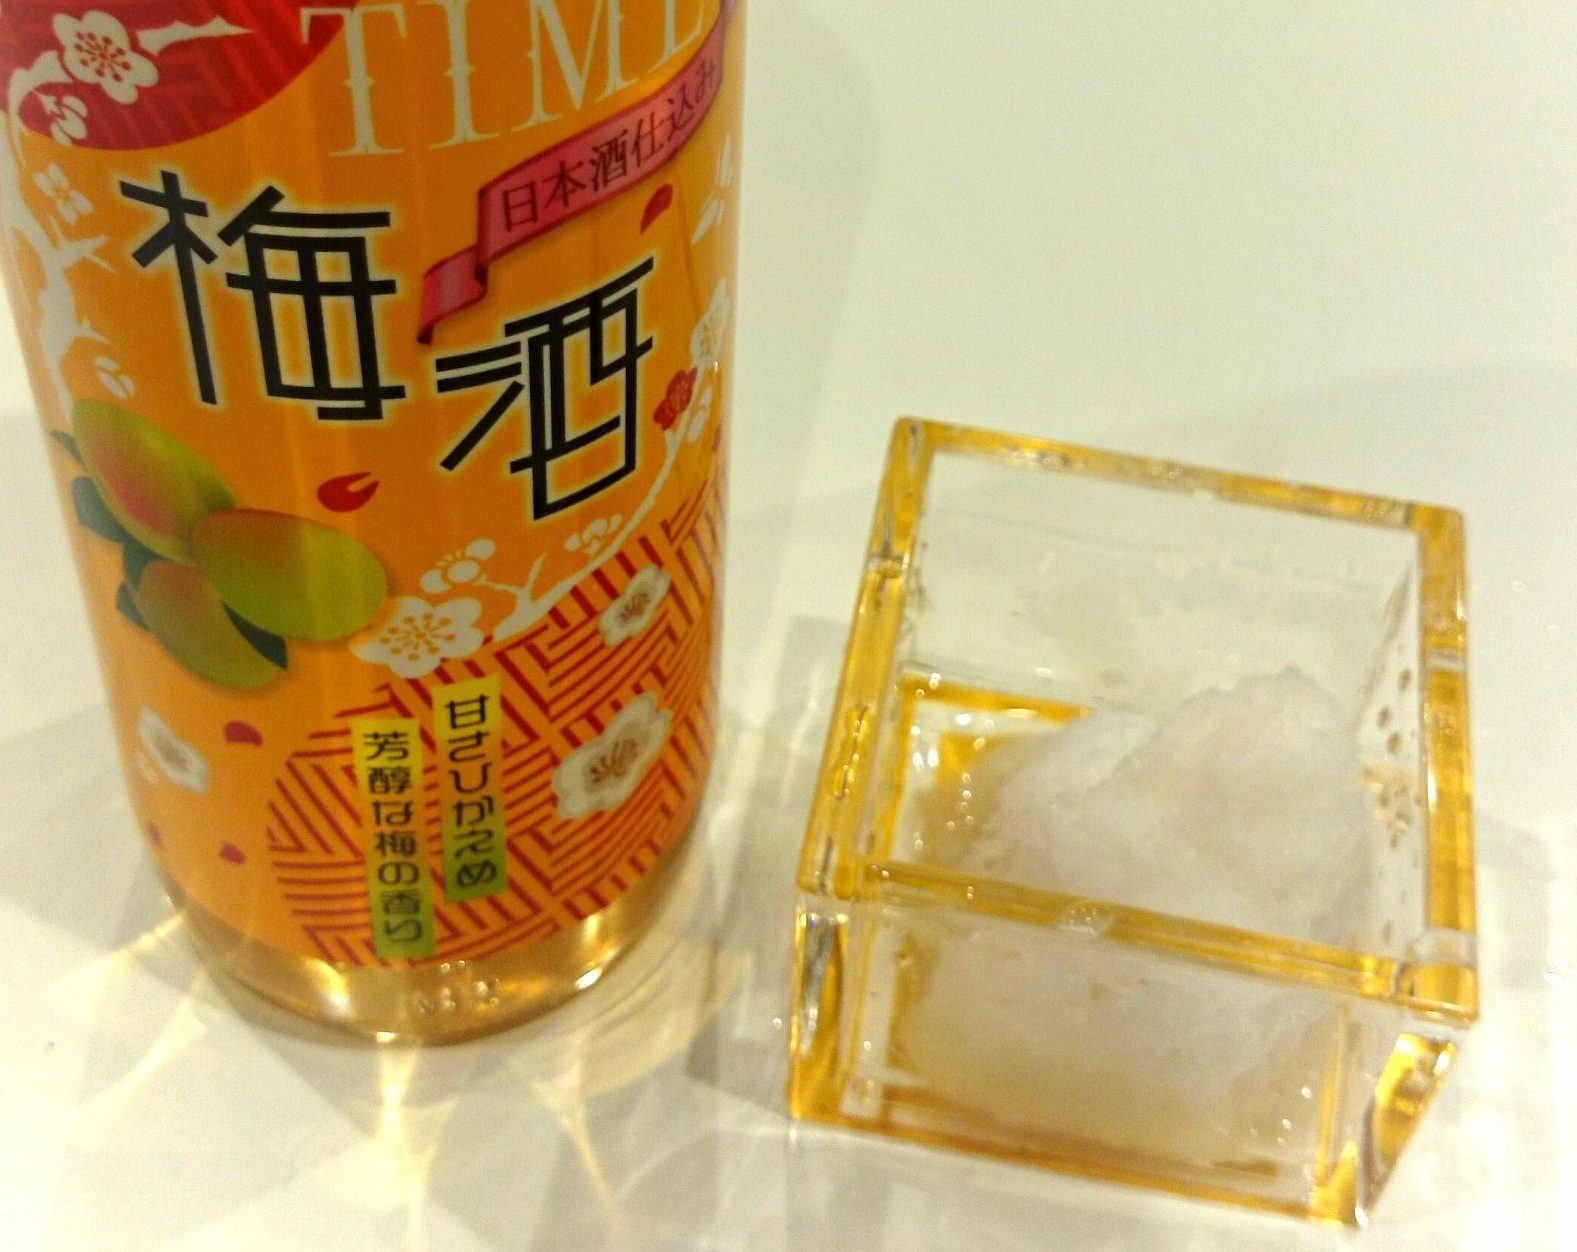 舞姫酒造うめ酒(無添加)の甘雪菓子(アルコールが含まれています)